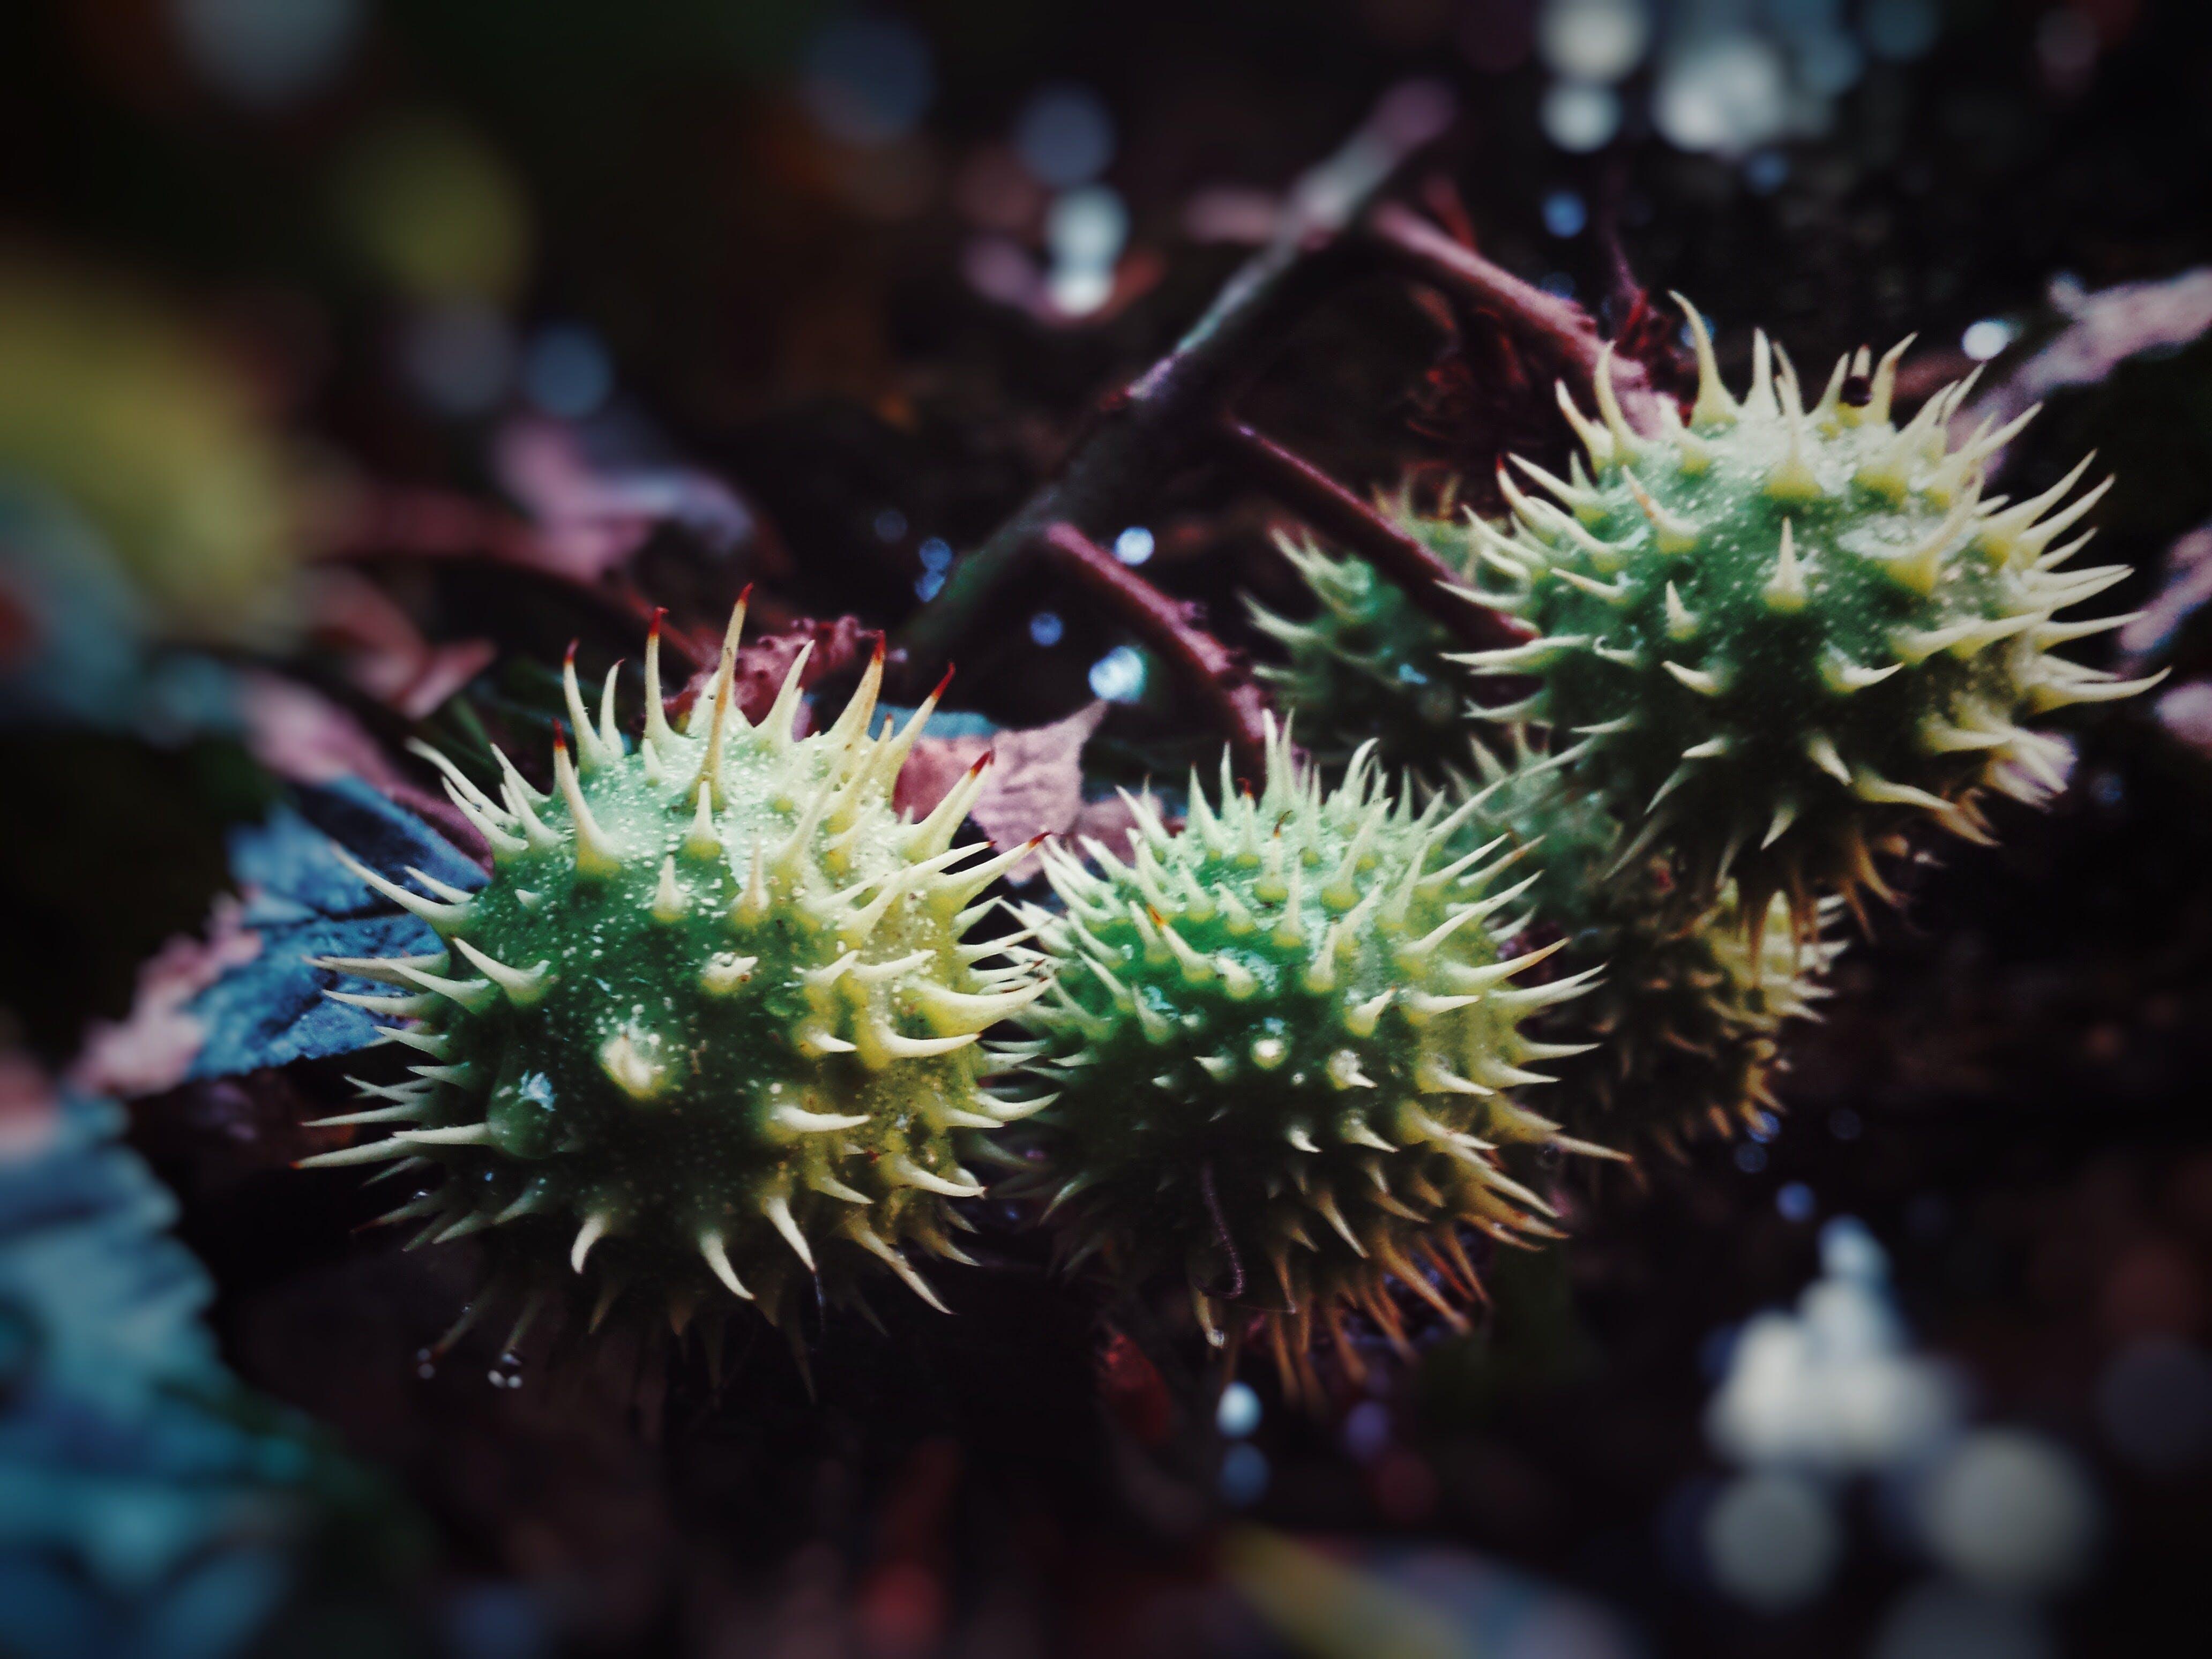 Δωρεάν στοκ φωτογραφιών με αγκαθωτός, άγρια καστανιά, αγριοκάστανο, βινιέτα